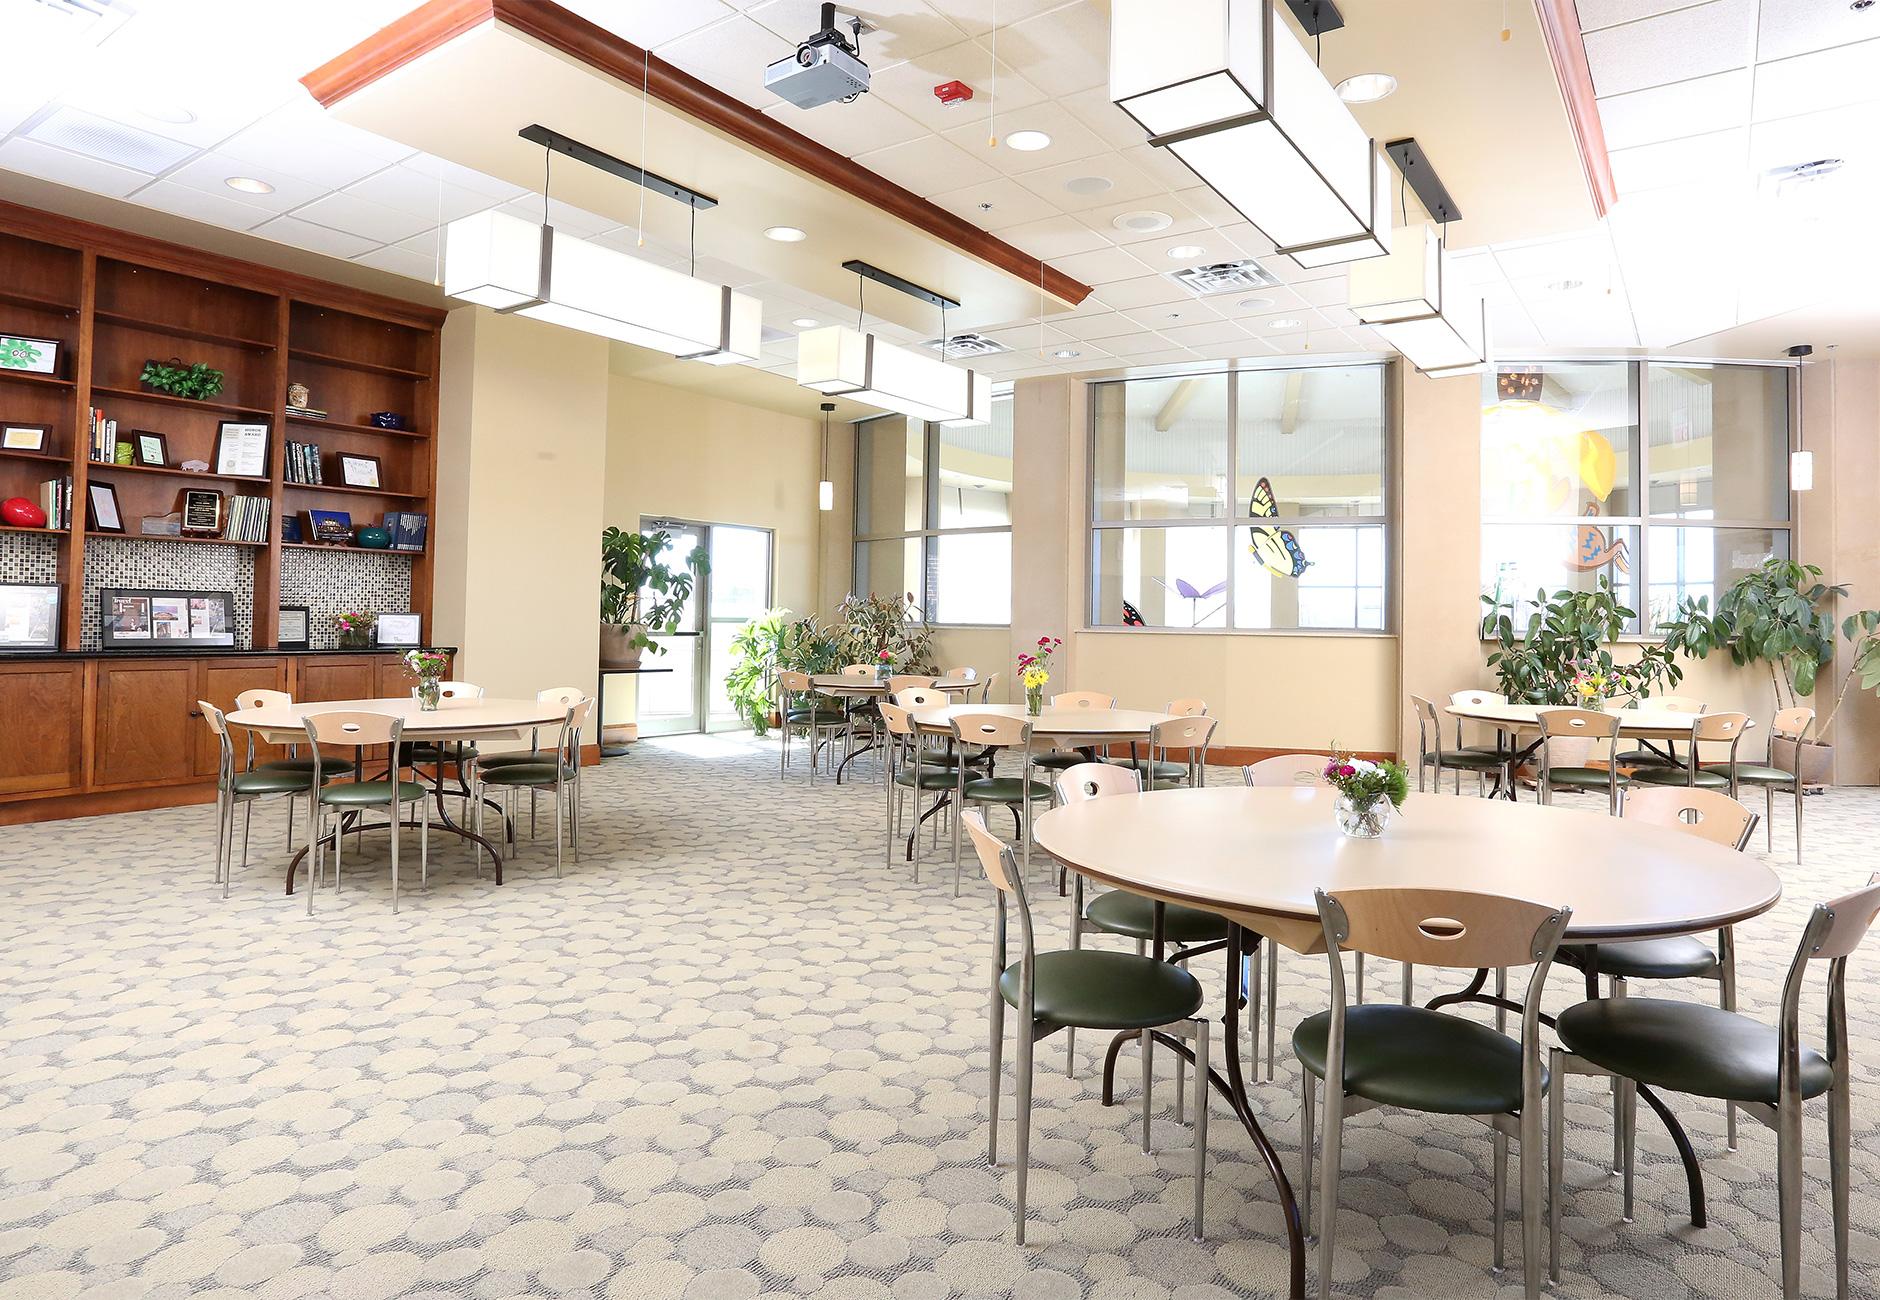 Community Room rental space.